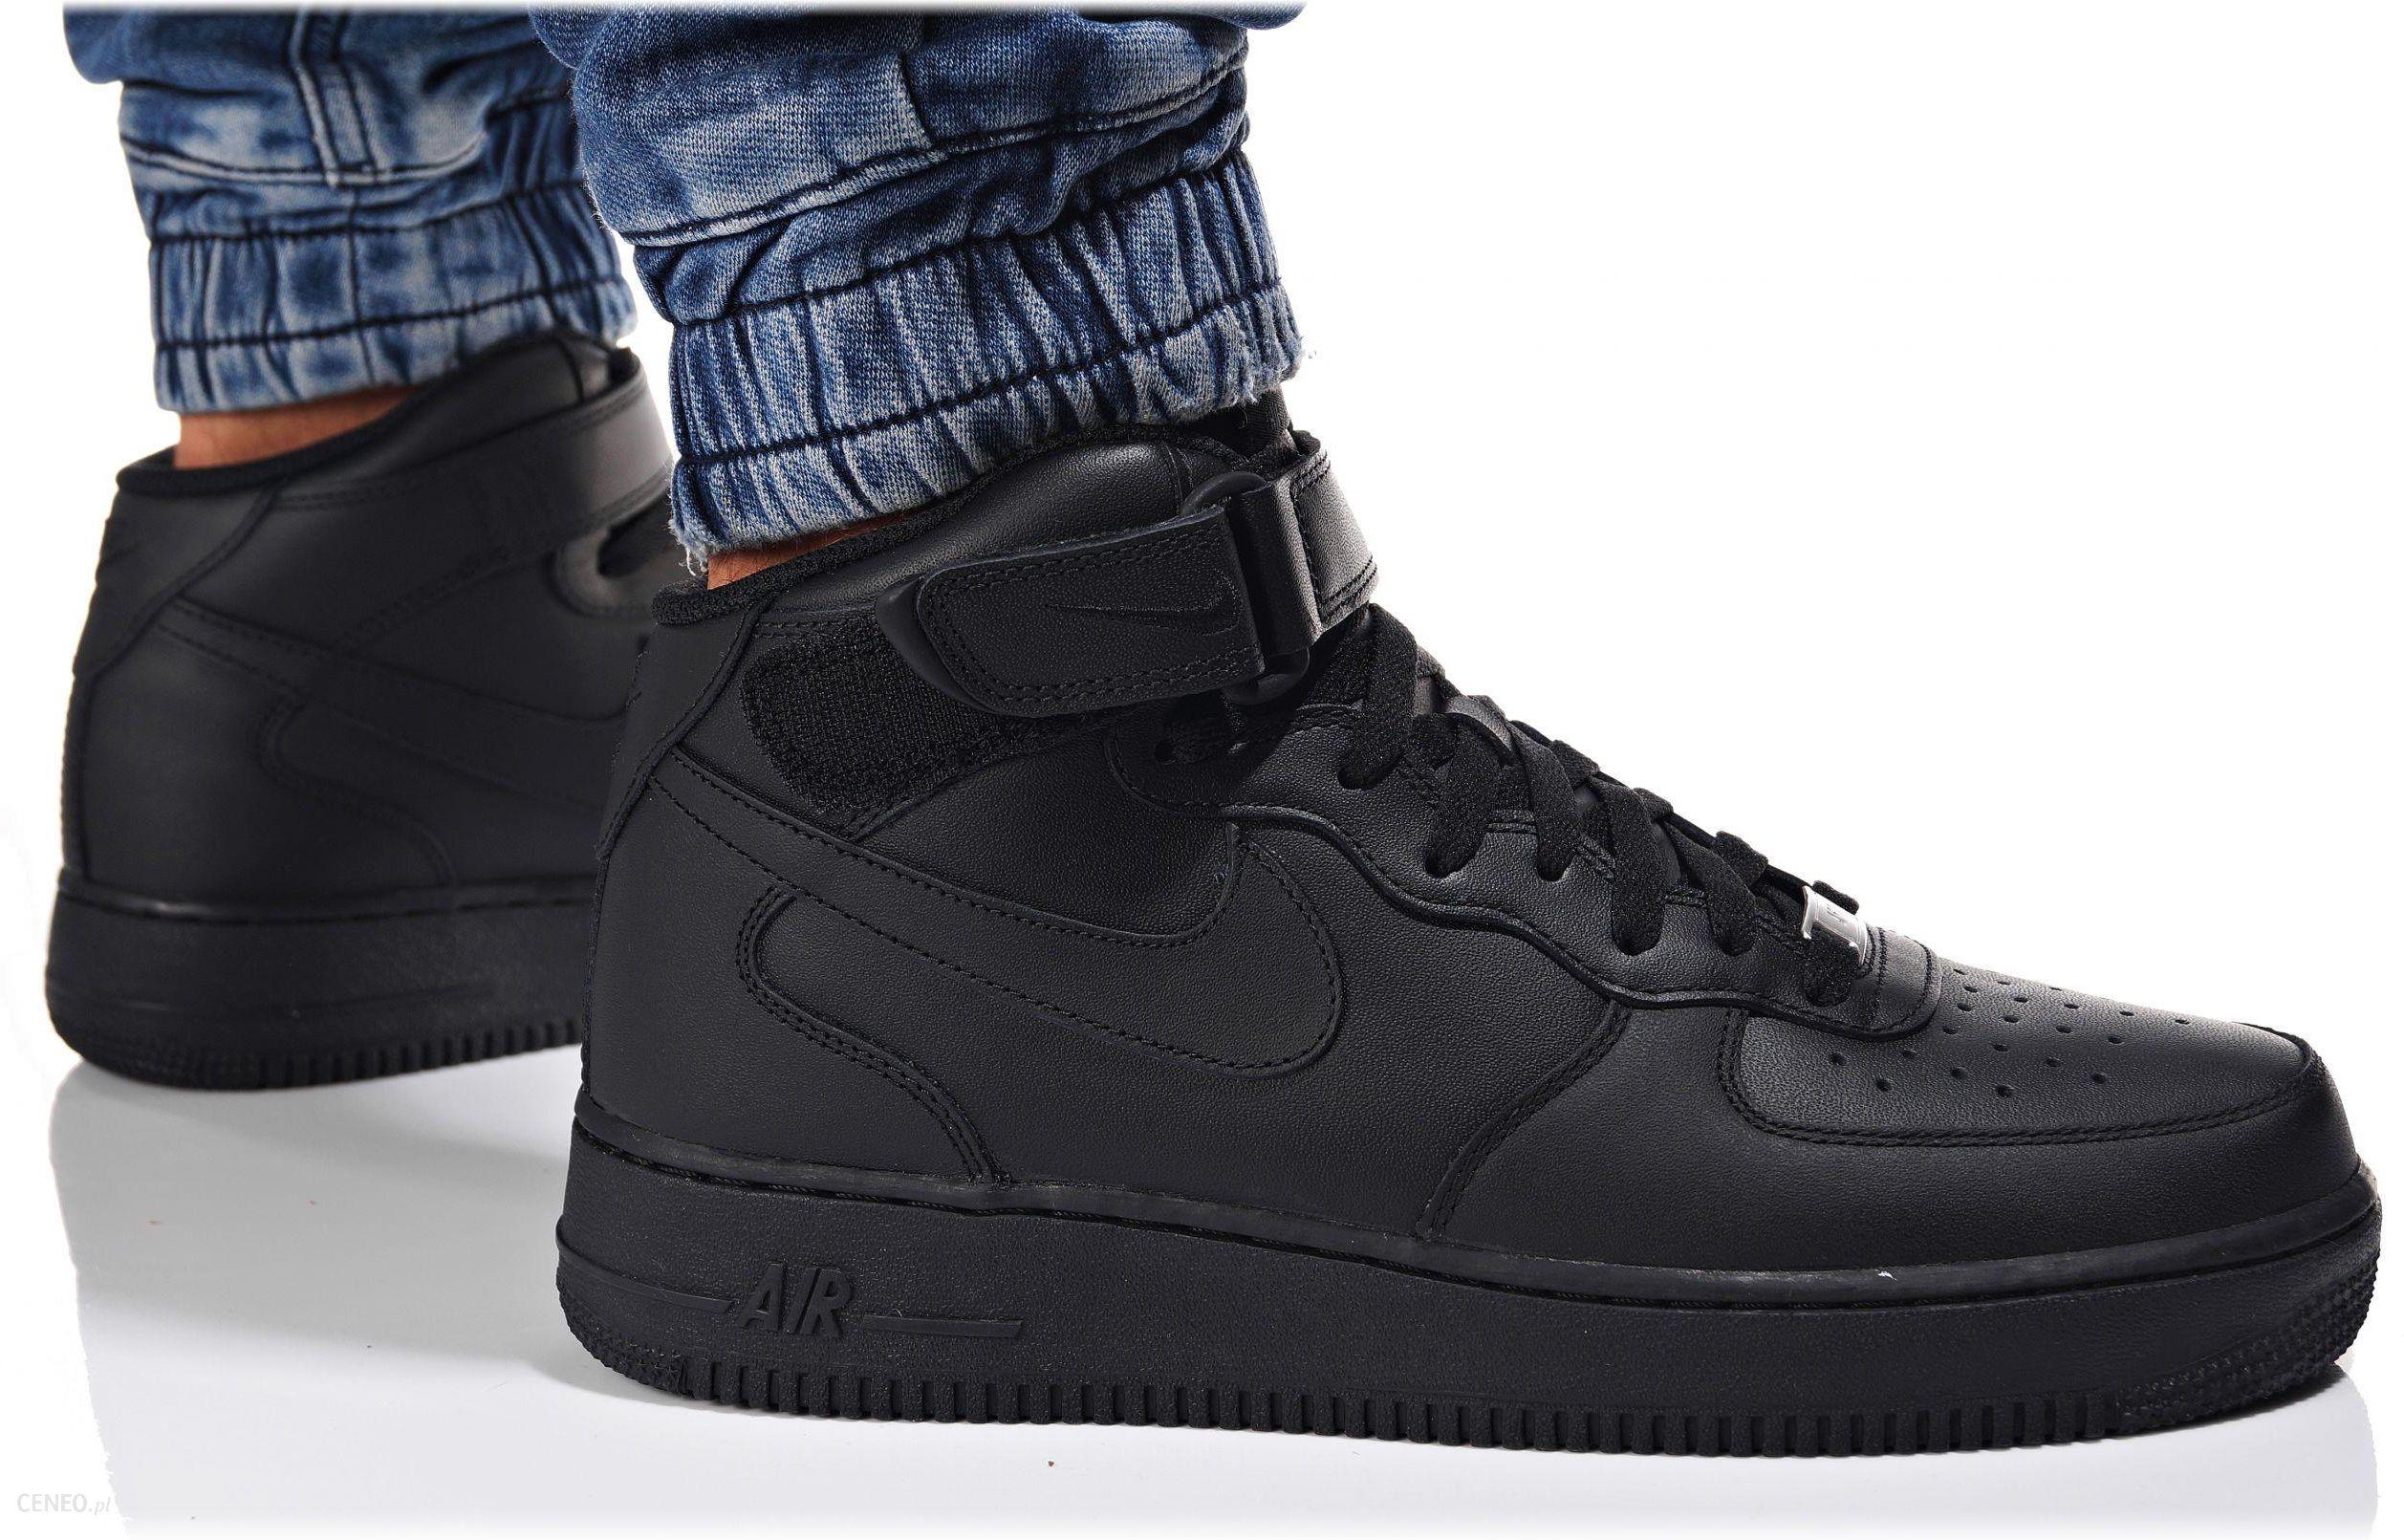 Buty Nike Męskie Air Force 1 MID 315123 001 Czarne Ceny i opinie Ceneo.pl